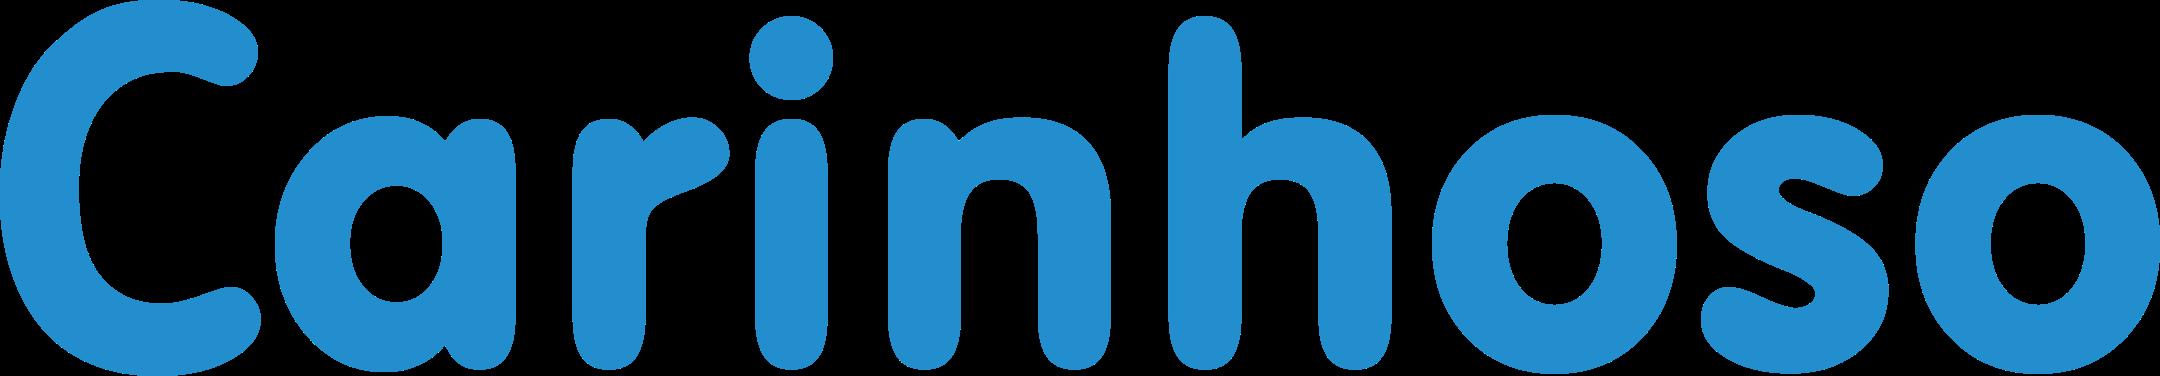 carinhoso logo 1 - Carinhoso Logo